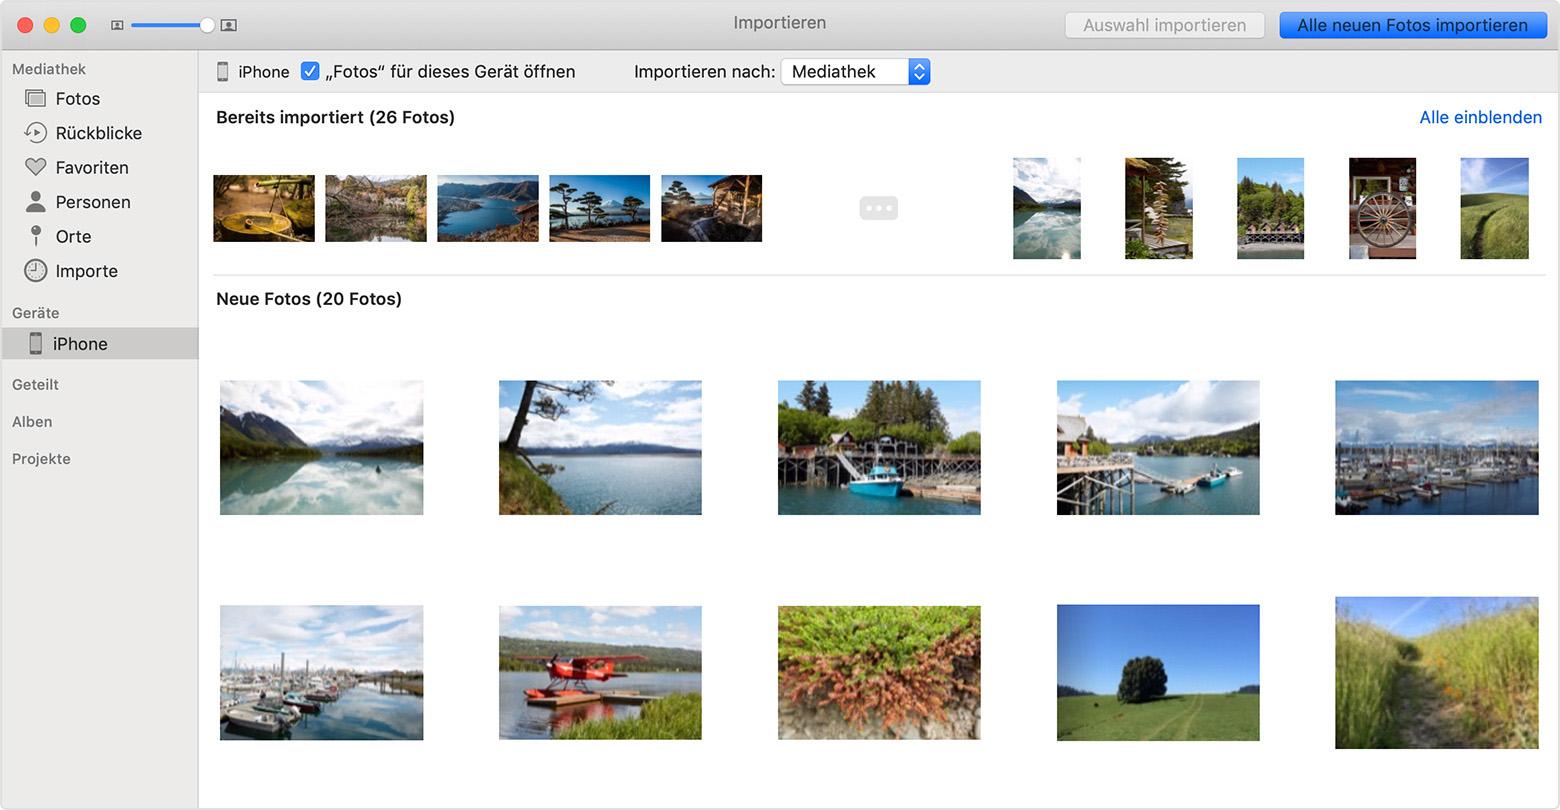 Apple bilder auf iphone übertragen